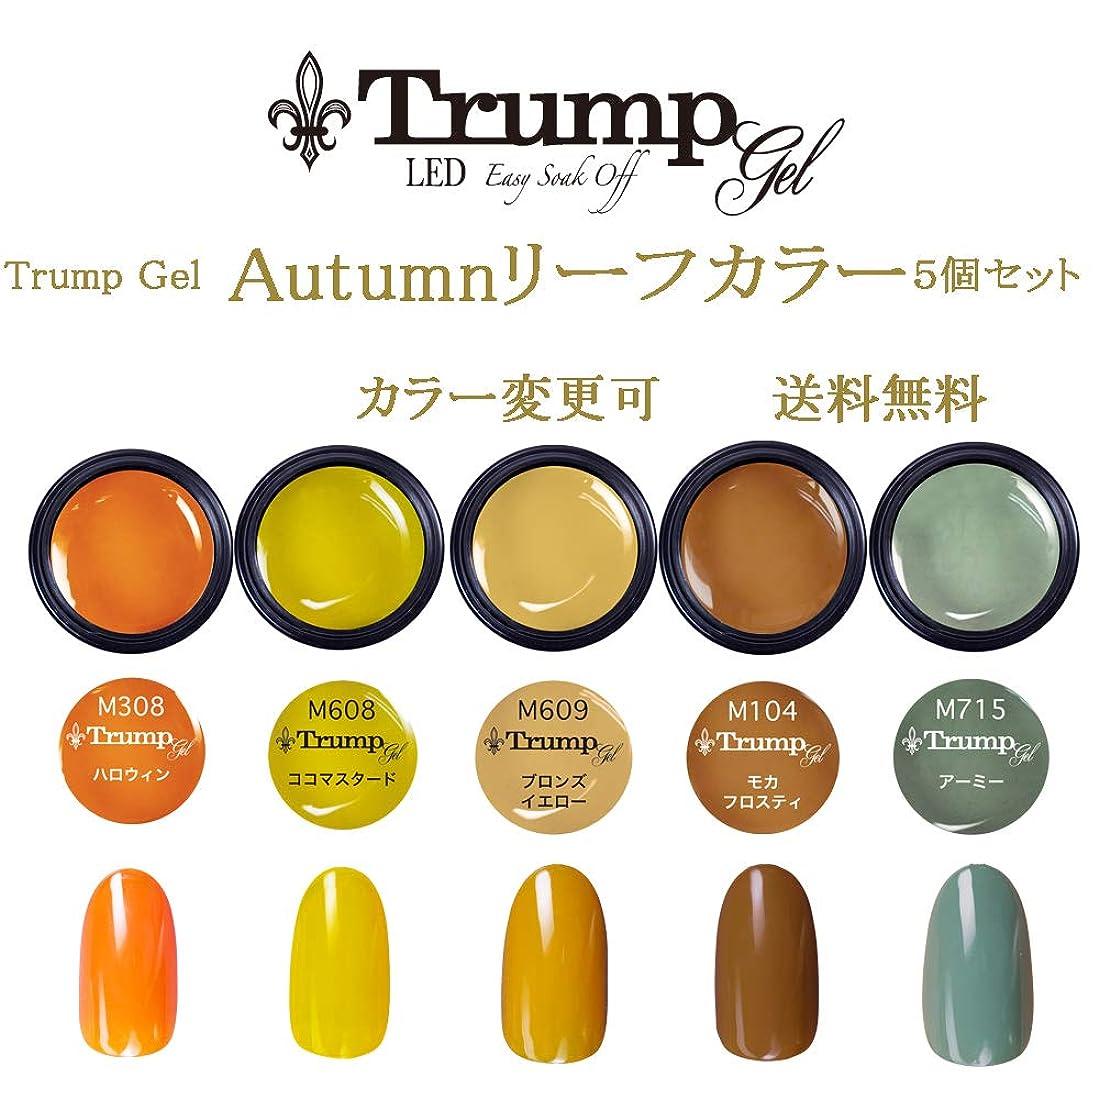 どこでも離す奪う【送料無料】日本製 Trump gel トランプジェル オータムリーフカラー 選べる カラージェル 5個セット オータムネイル ベージュ ブラウン マスタード カラー